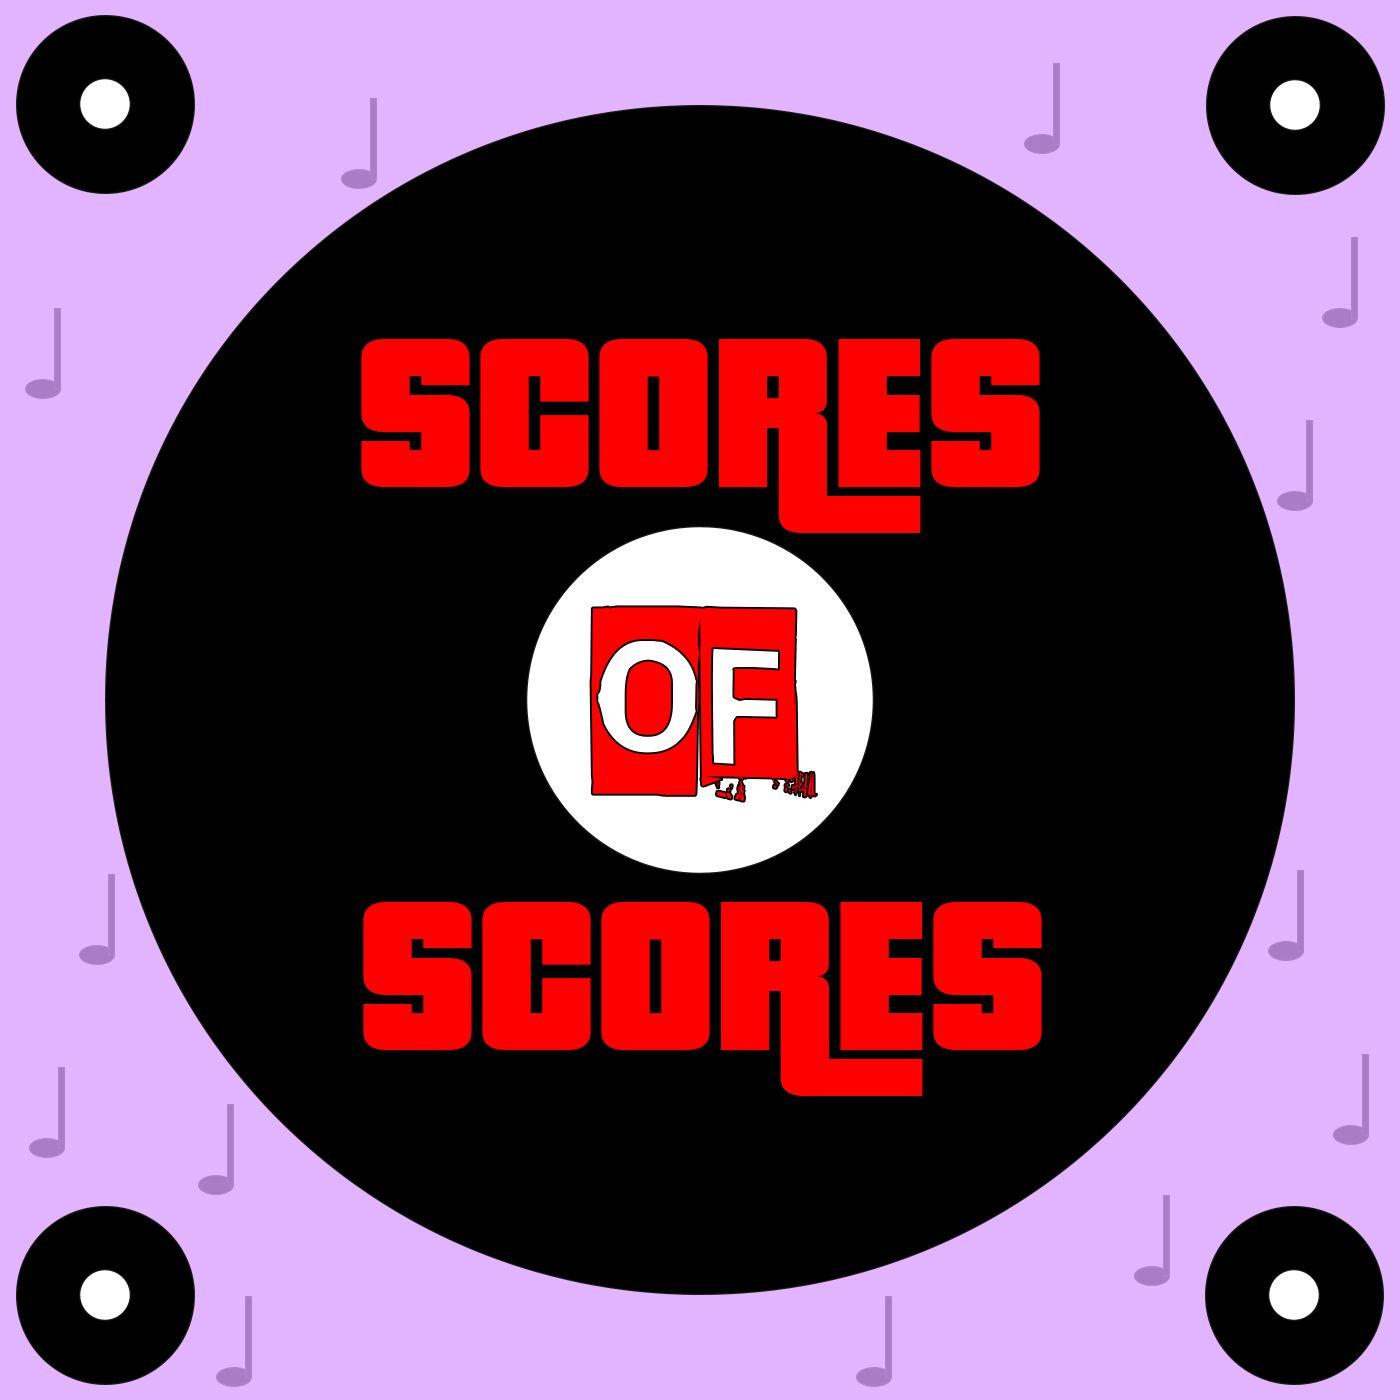 Scores of Scores